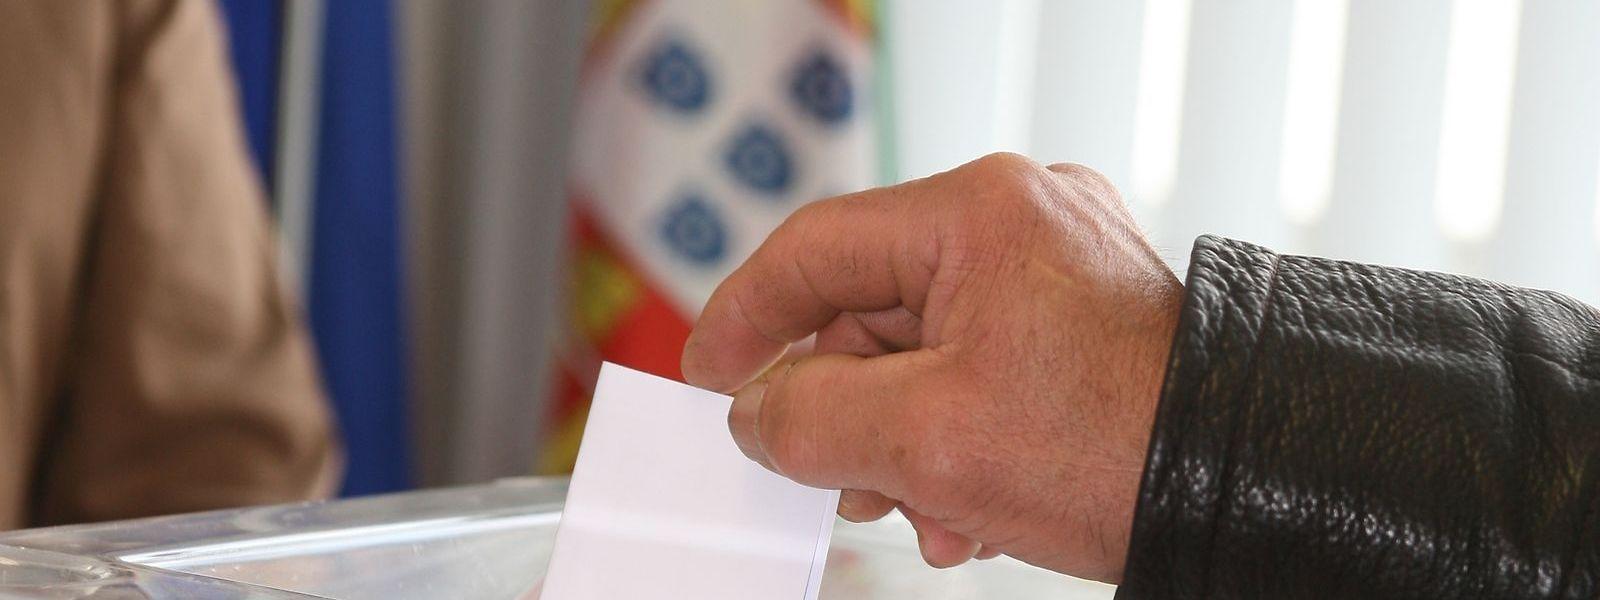 Só três portugueses optaram pelo voto presencial no consulado no Luxemburgo. A grande maioria vota por correspondência.